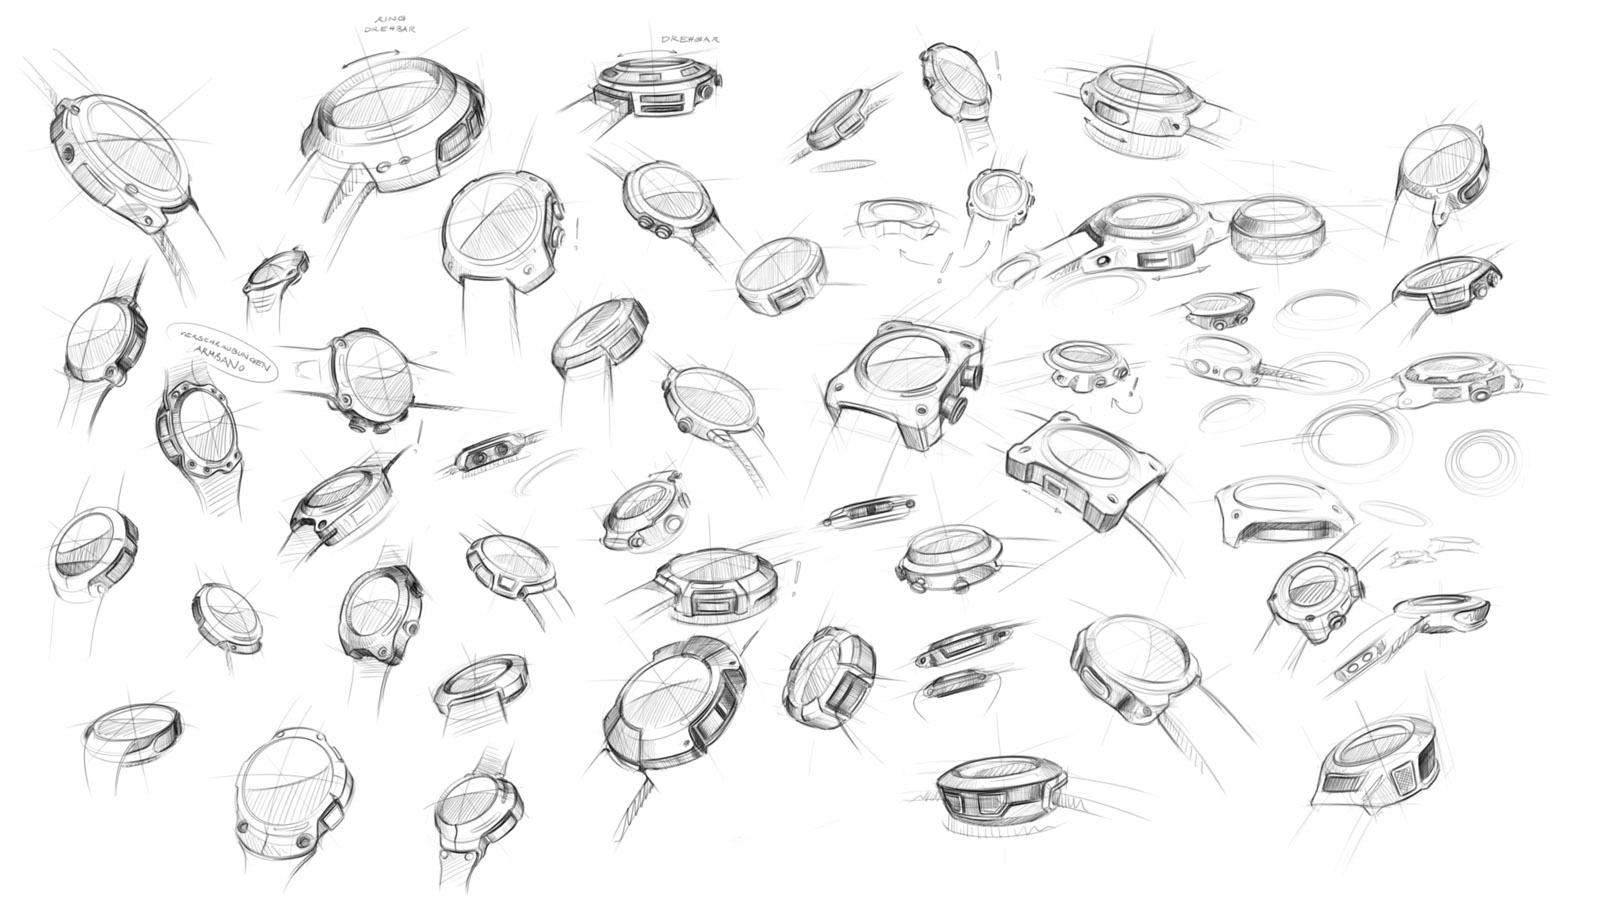 Pfaffenbauer_Sketches_watches1.jpg